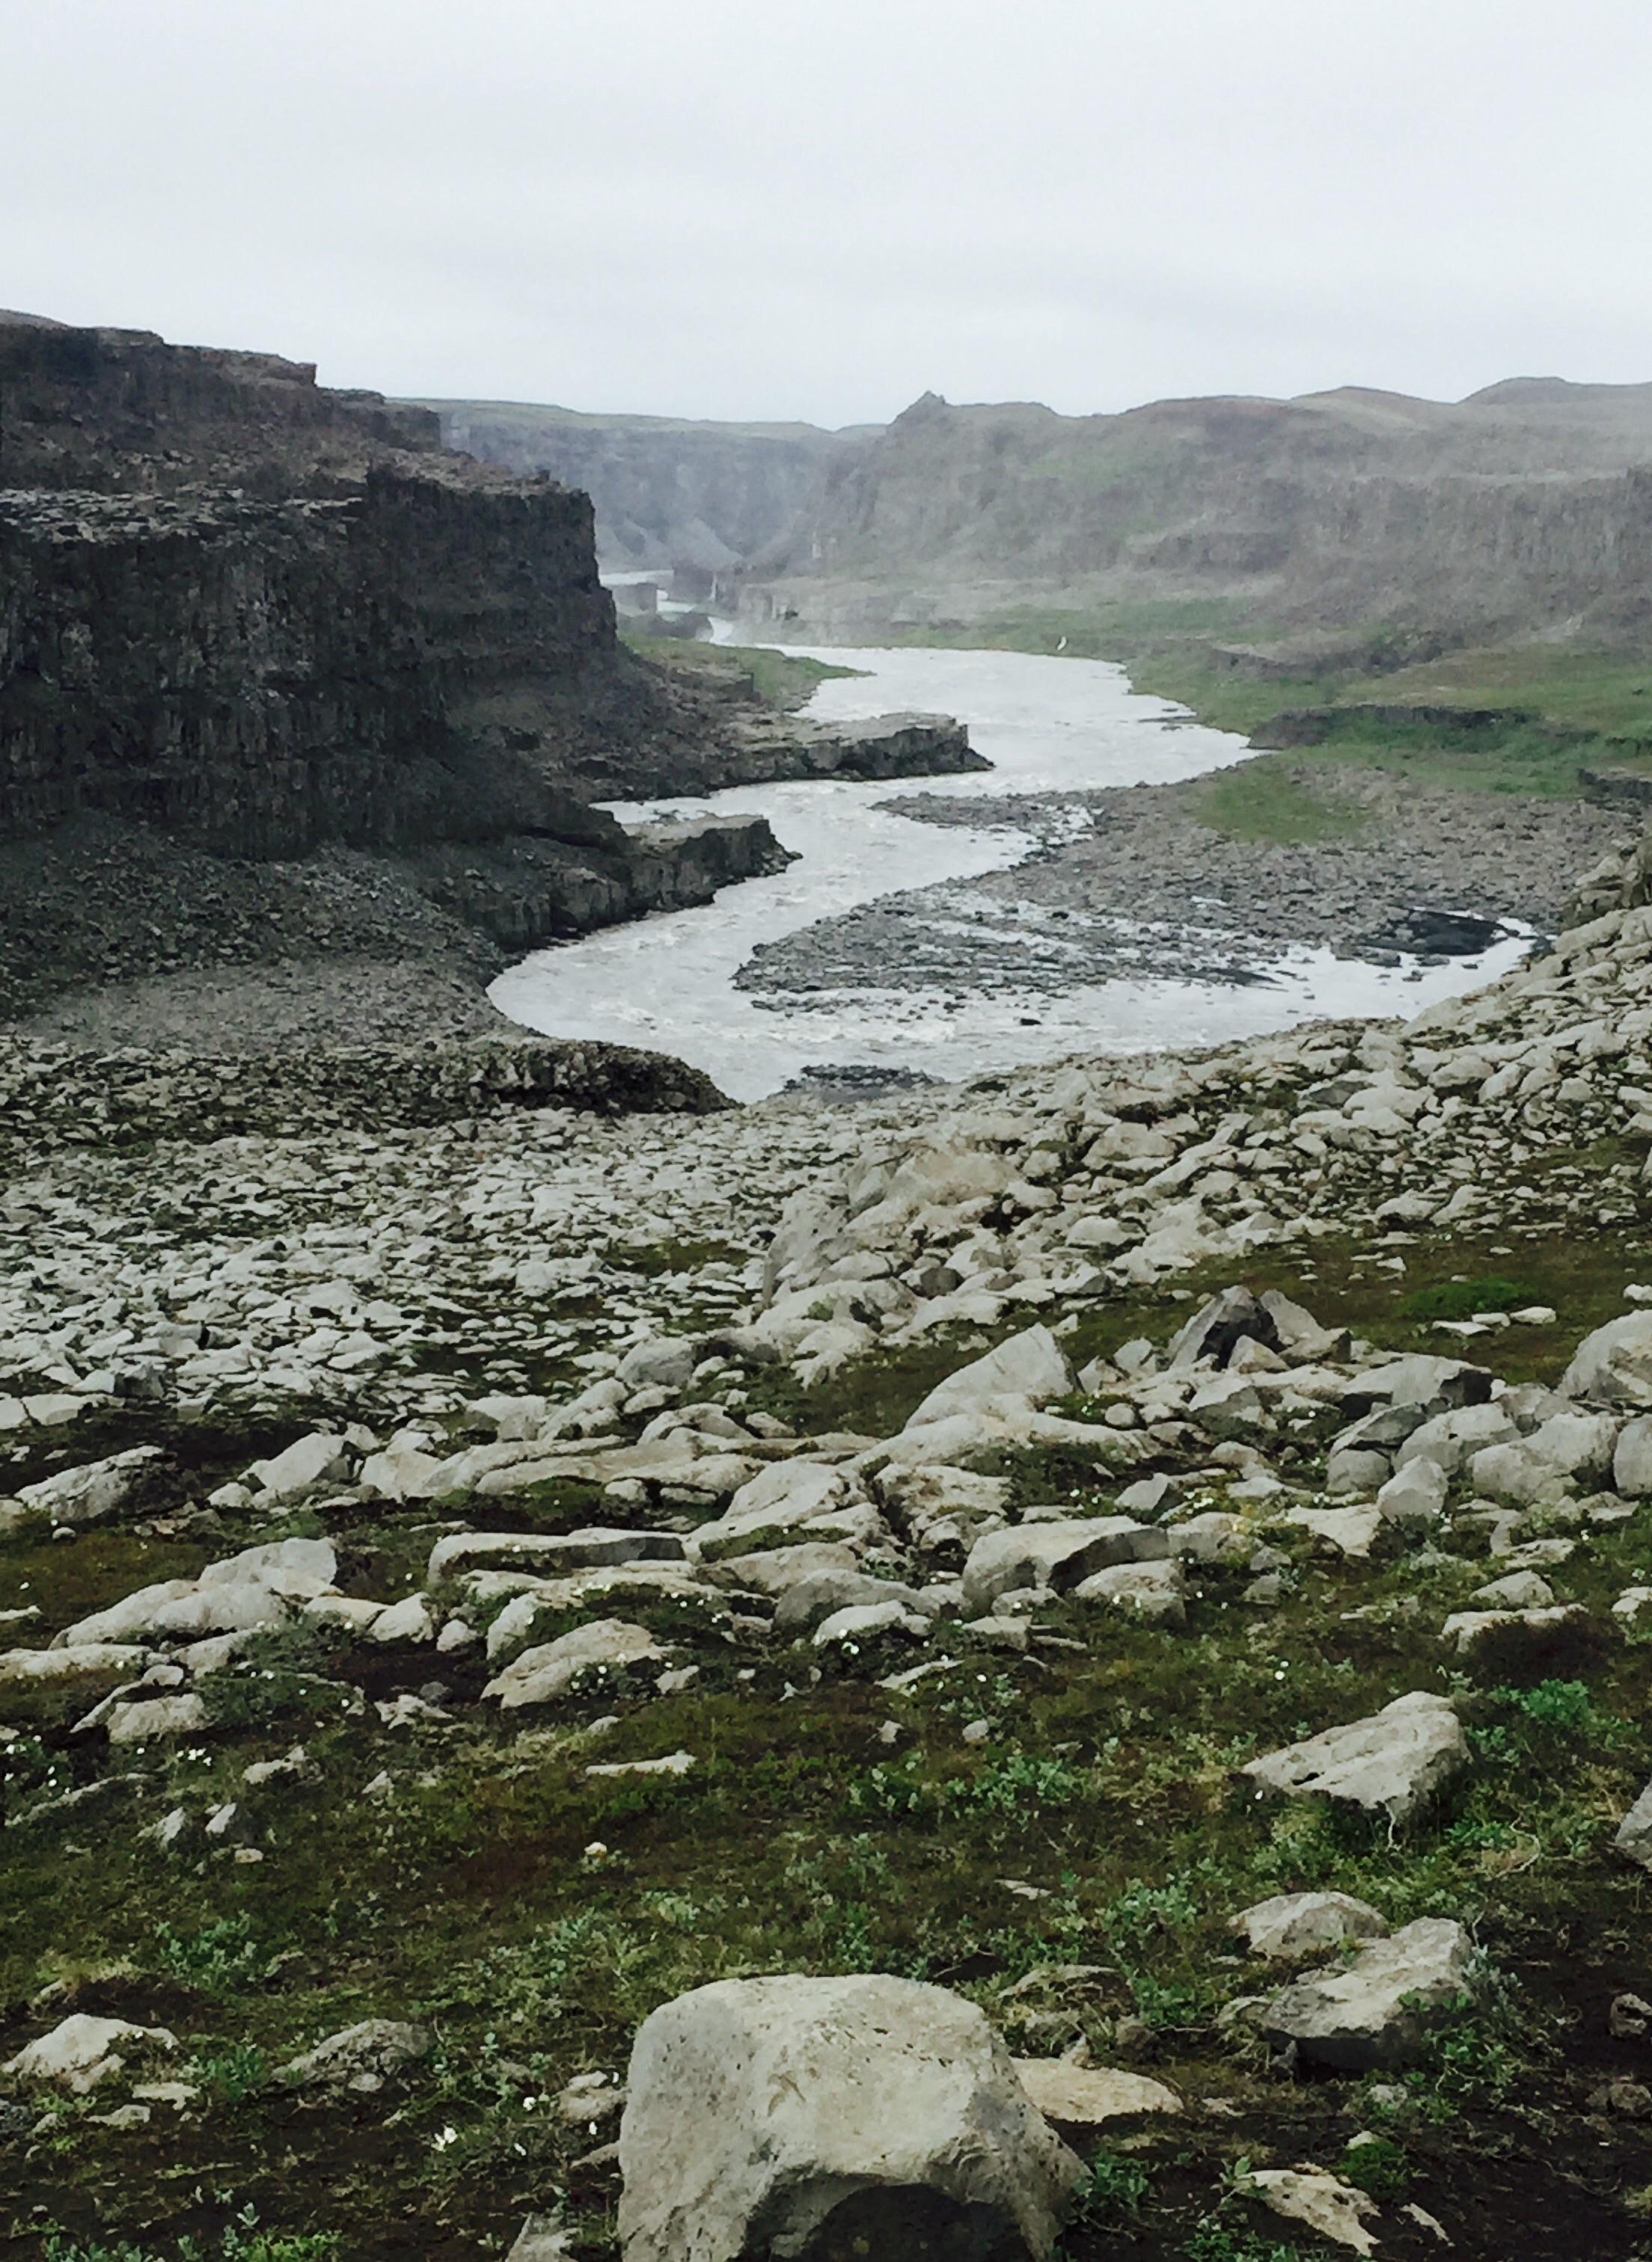 The river Jökulsá á Fjöllum